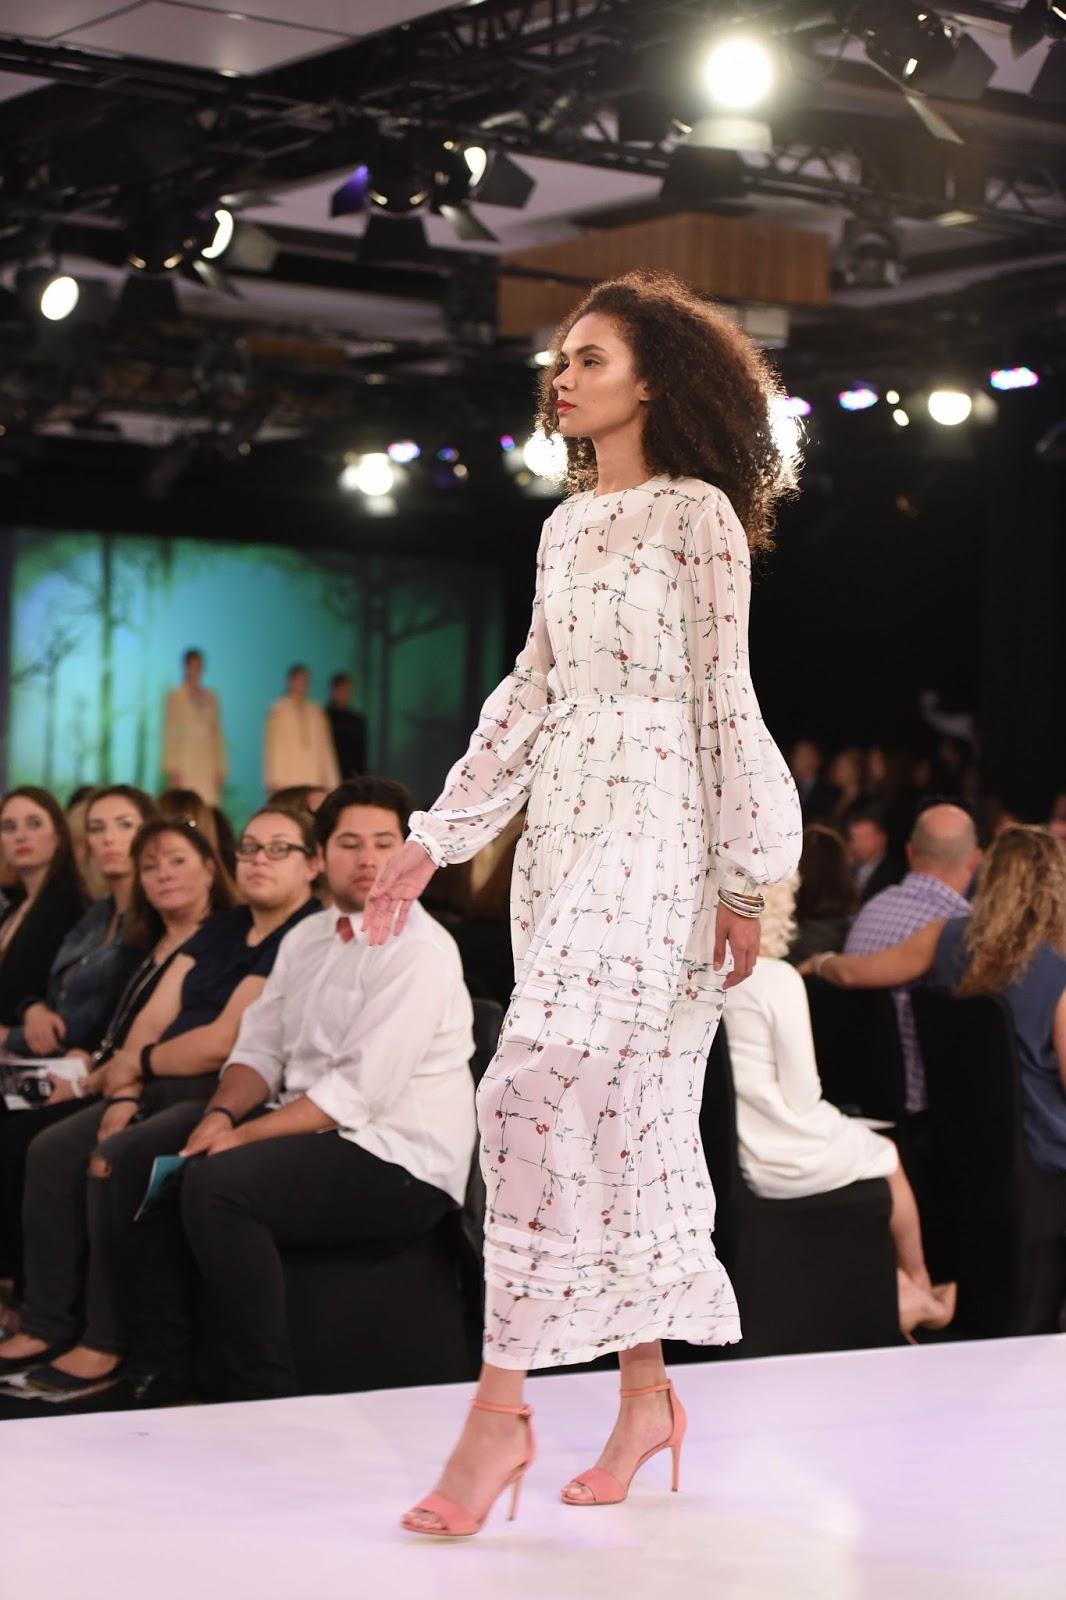 Bellevue Fashion Week Independent Designer Runway Show